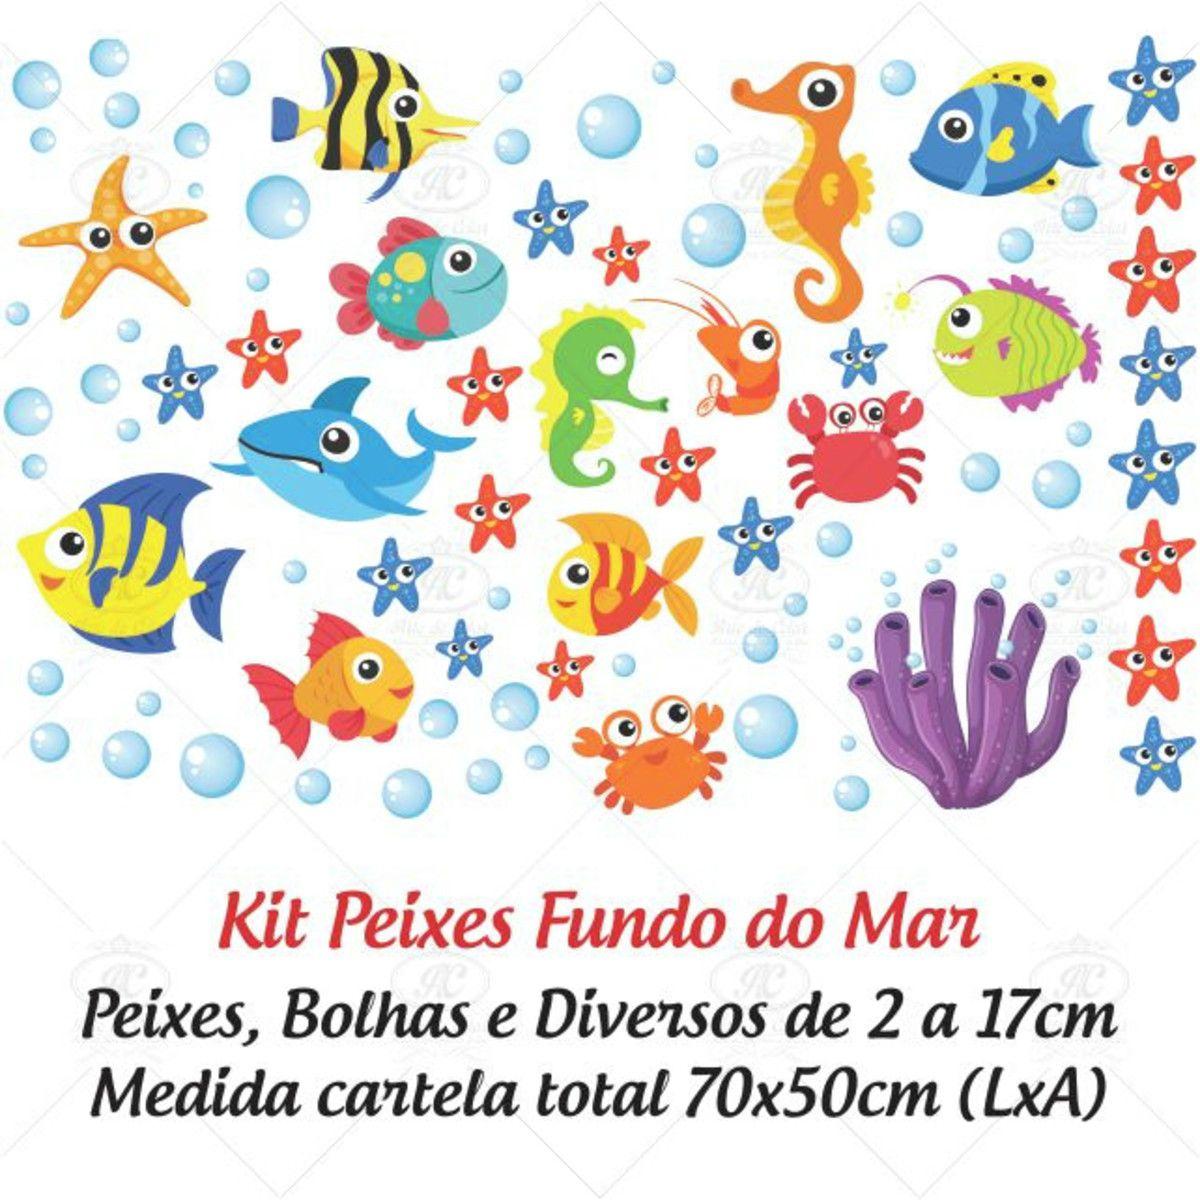 Adesivo para Box de Banheiro Peixes Fundo do Mar